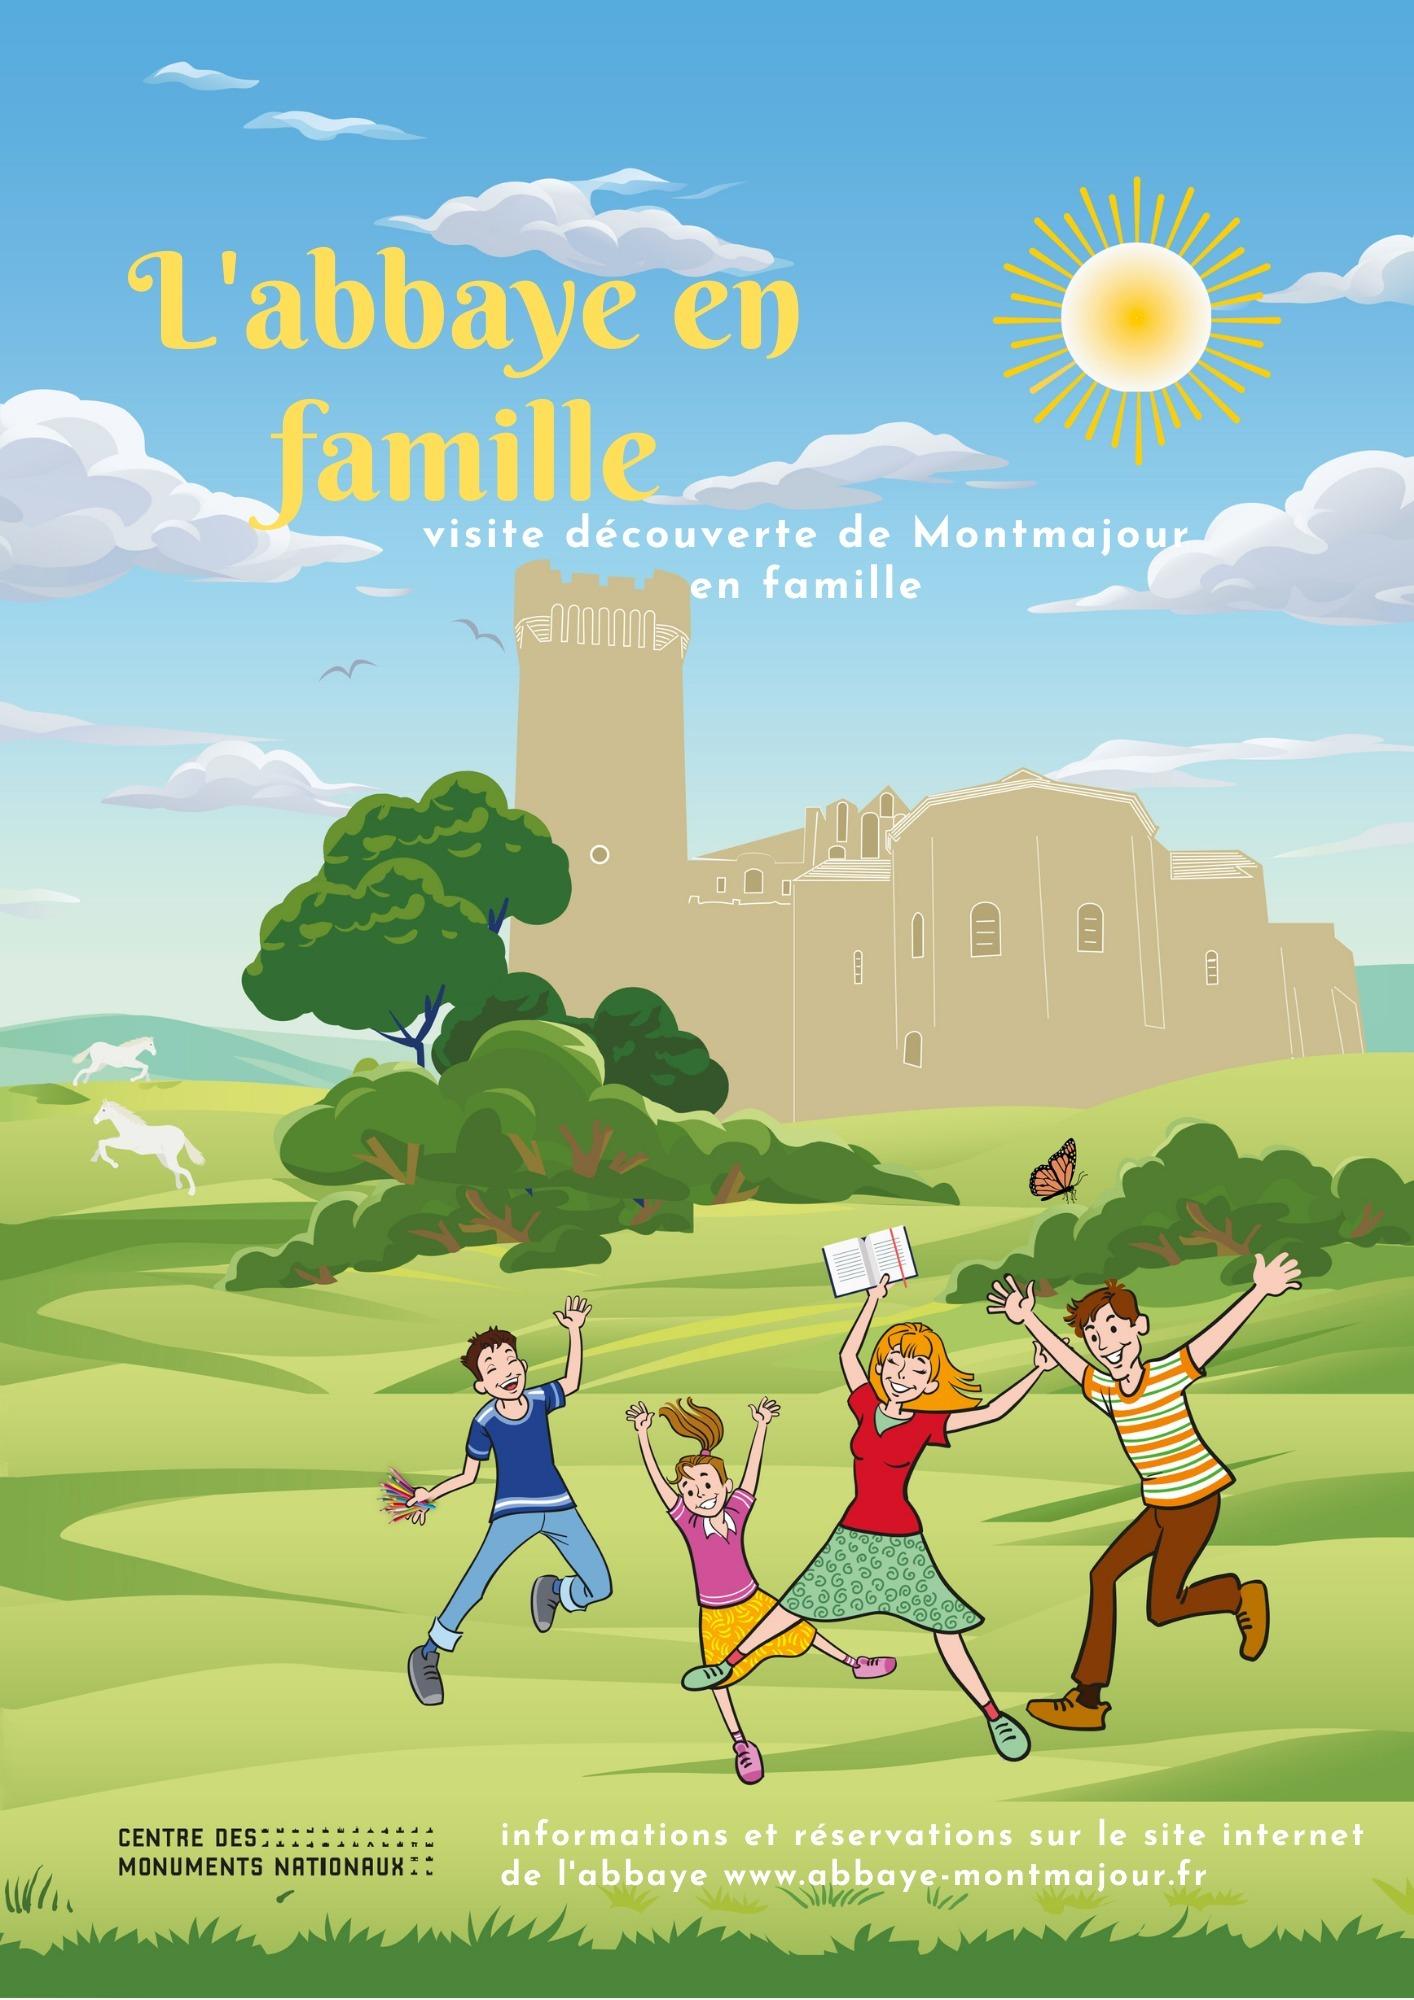 Venez découvrir l'abbaye de Montmajour en Famille grâce à une visite guidée spécifique !